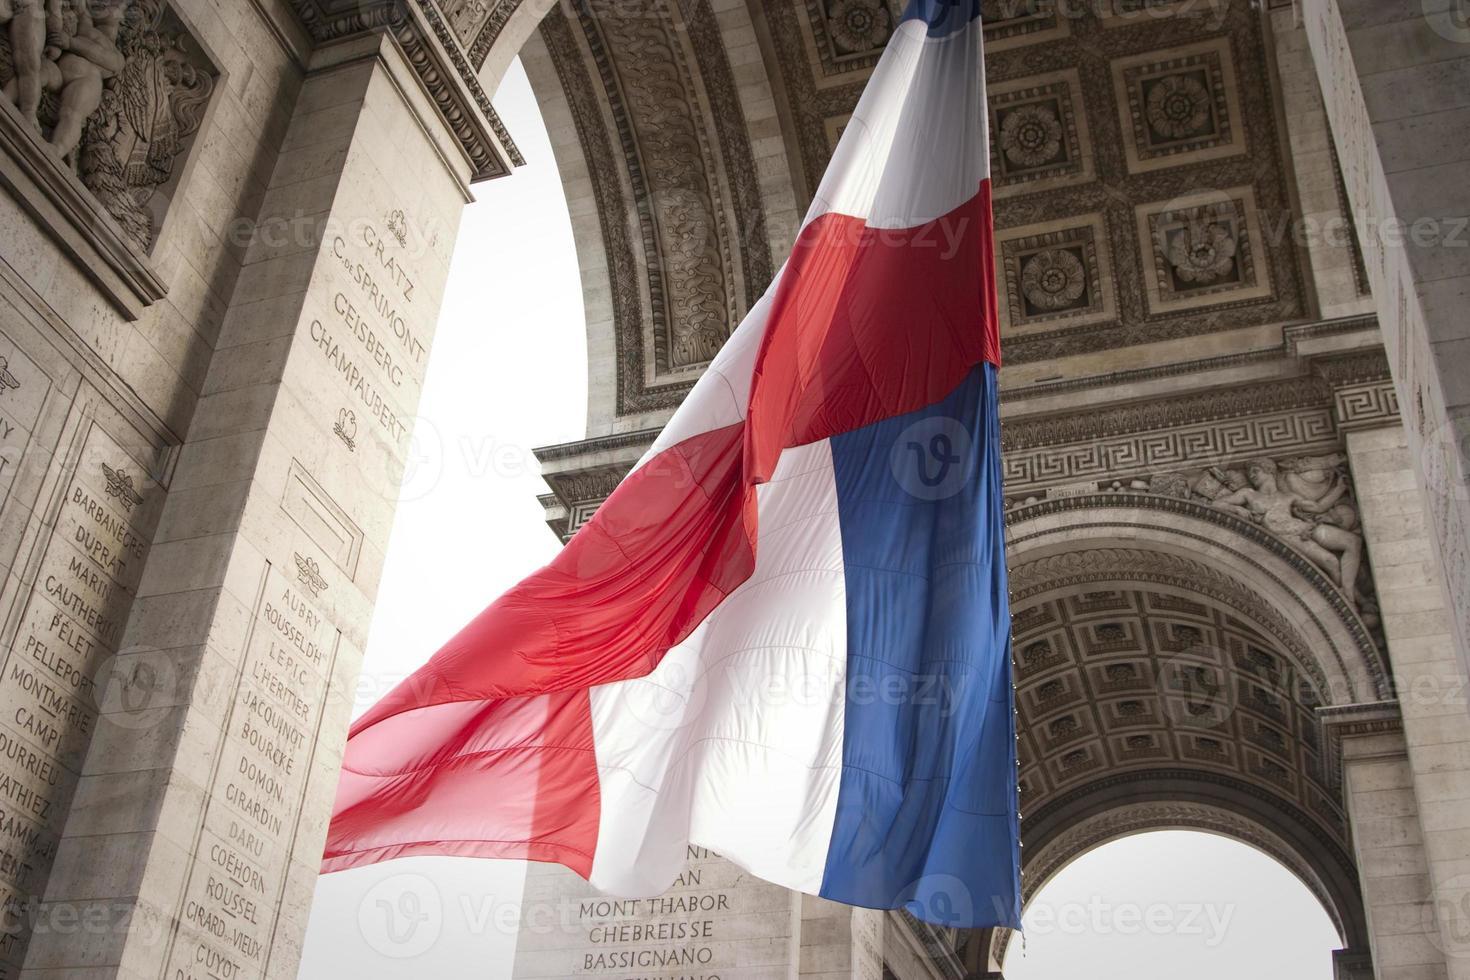 vermelha branca e azul bandeira acenando sob um grande arco foto